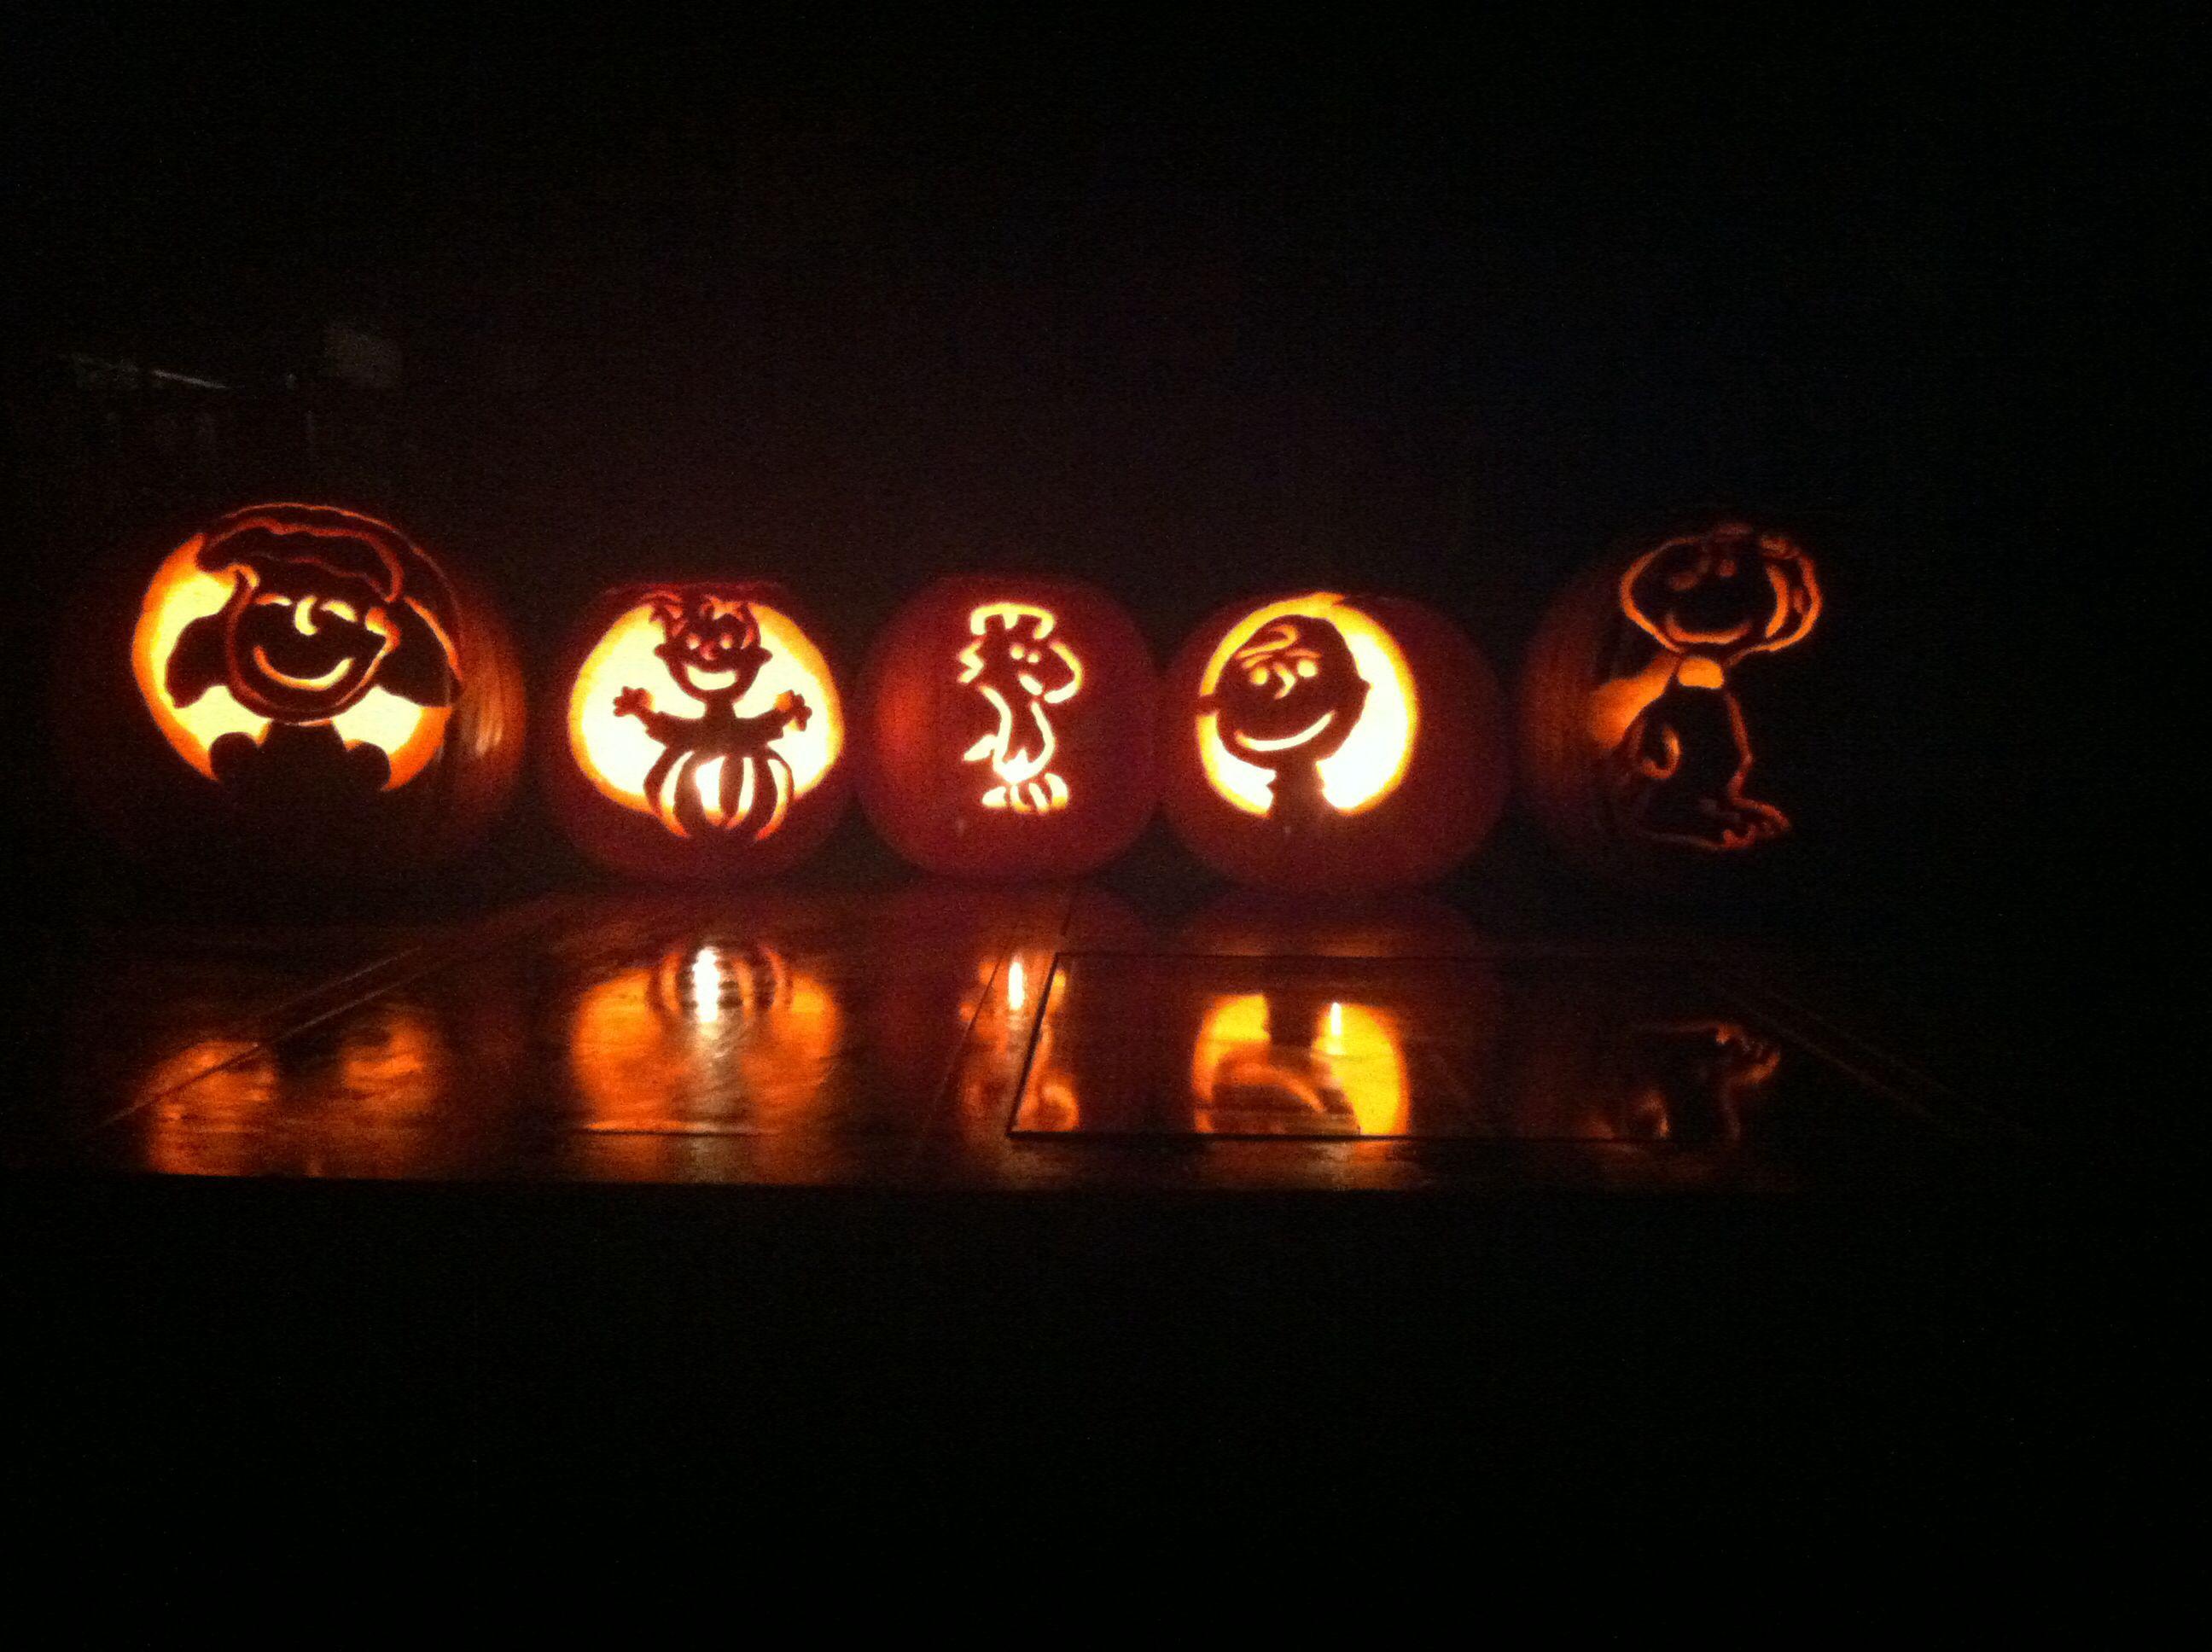 Charlie brown pumpkin carvings lucy linus woodstock